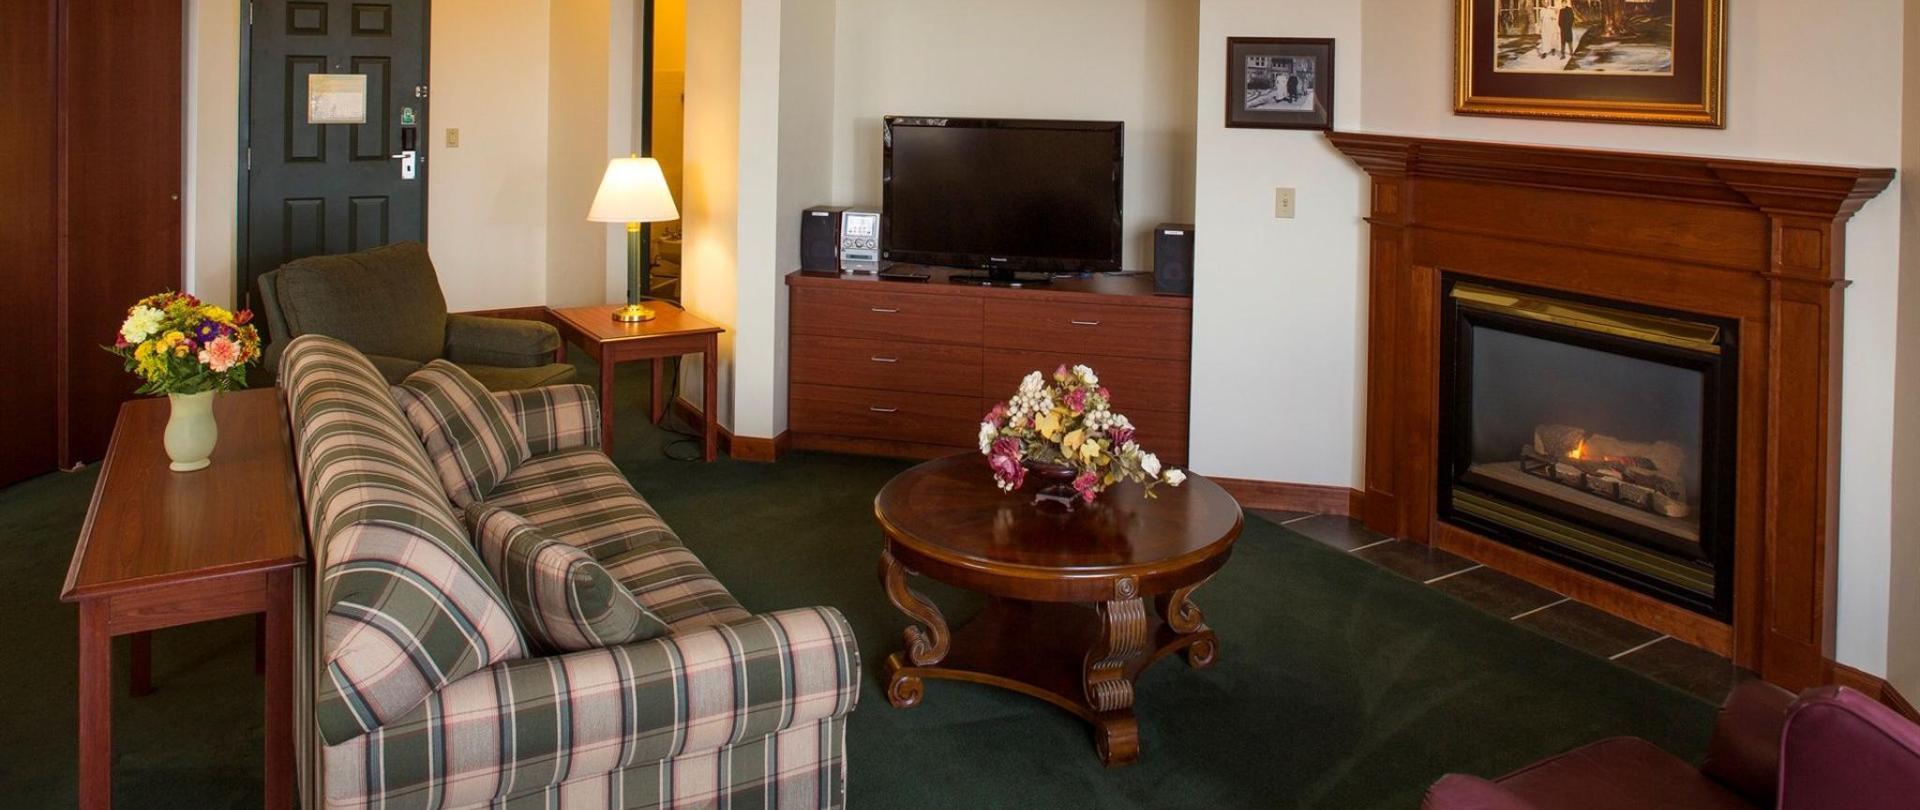 presidential-suite-living-room.jpg